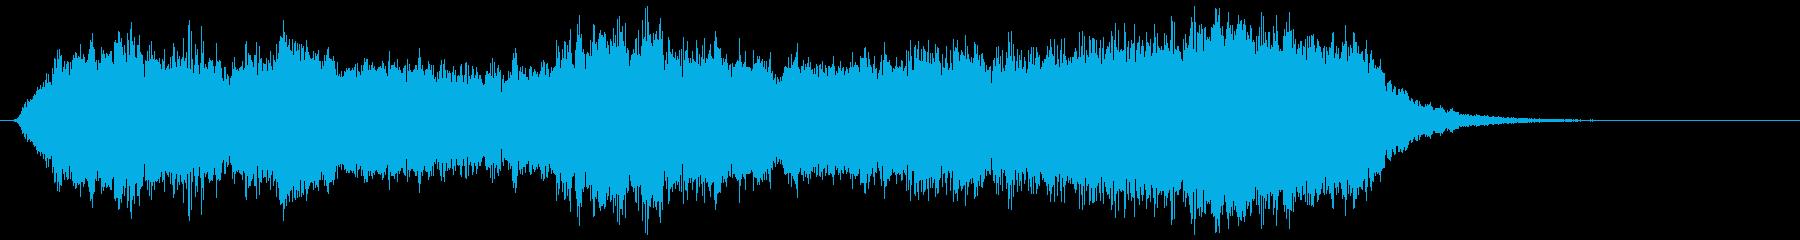 怪しげなチェロの曲の再生済みの波形